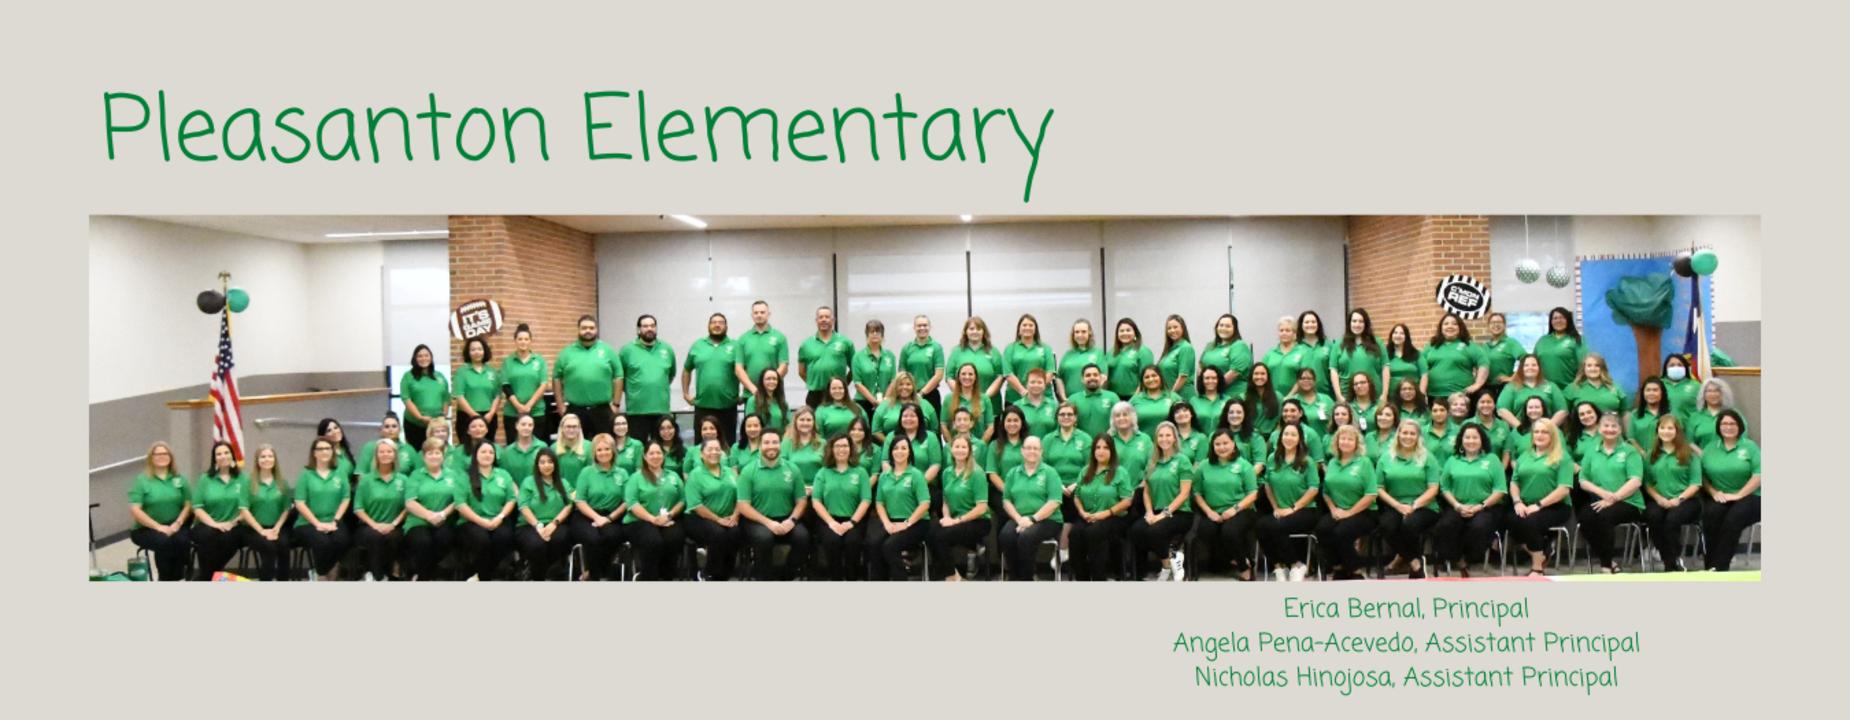 Pleasanton Elementary